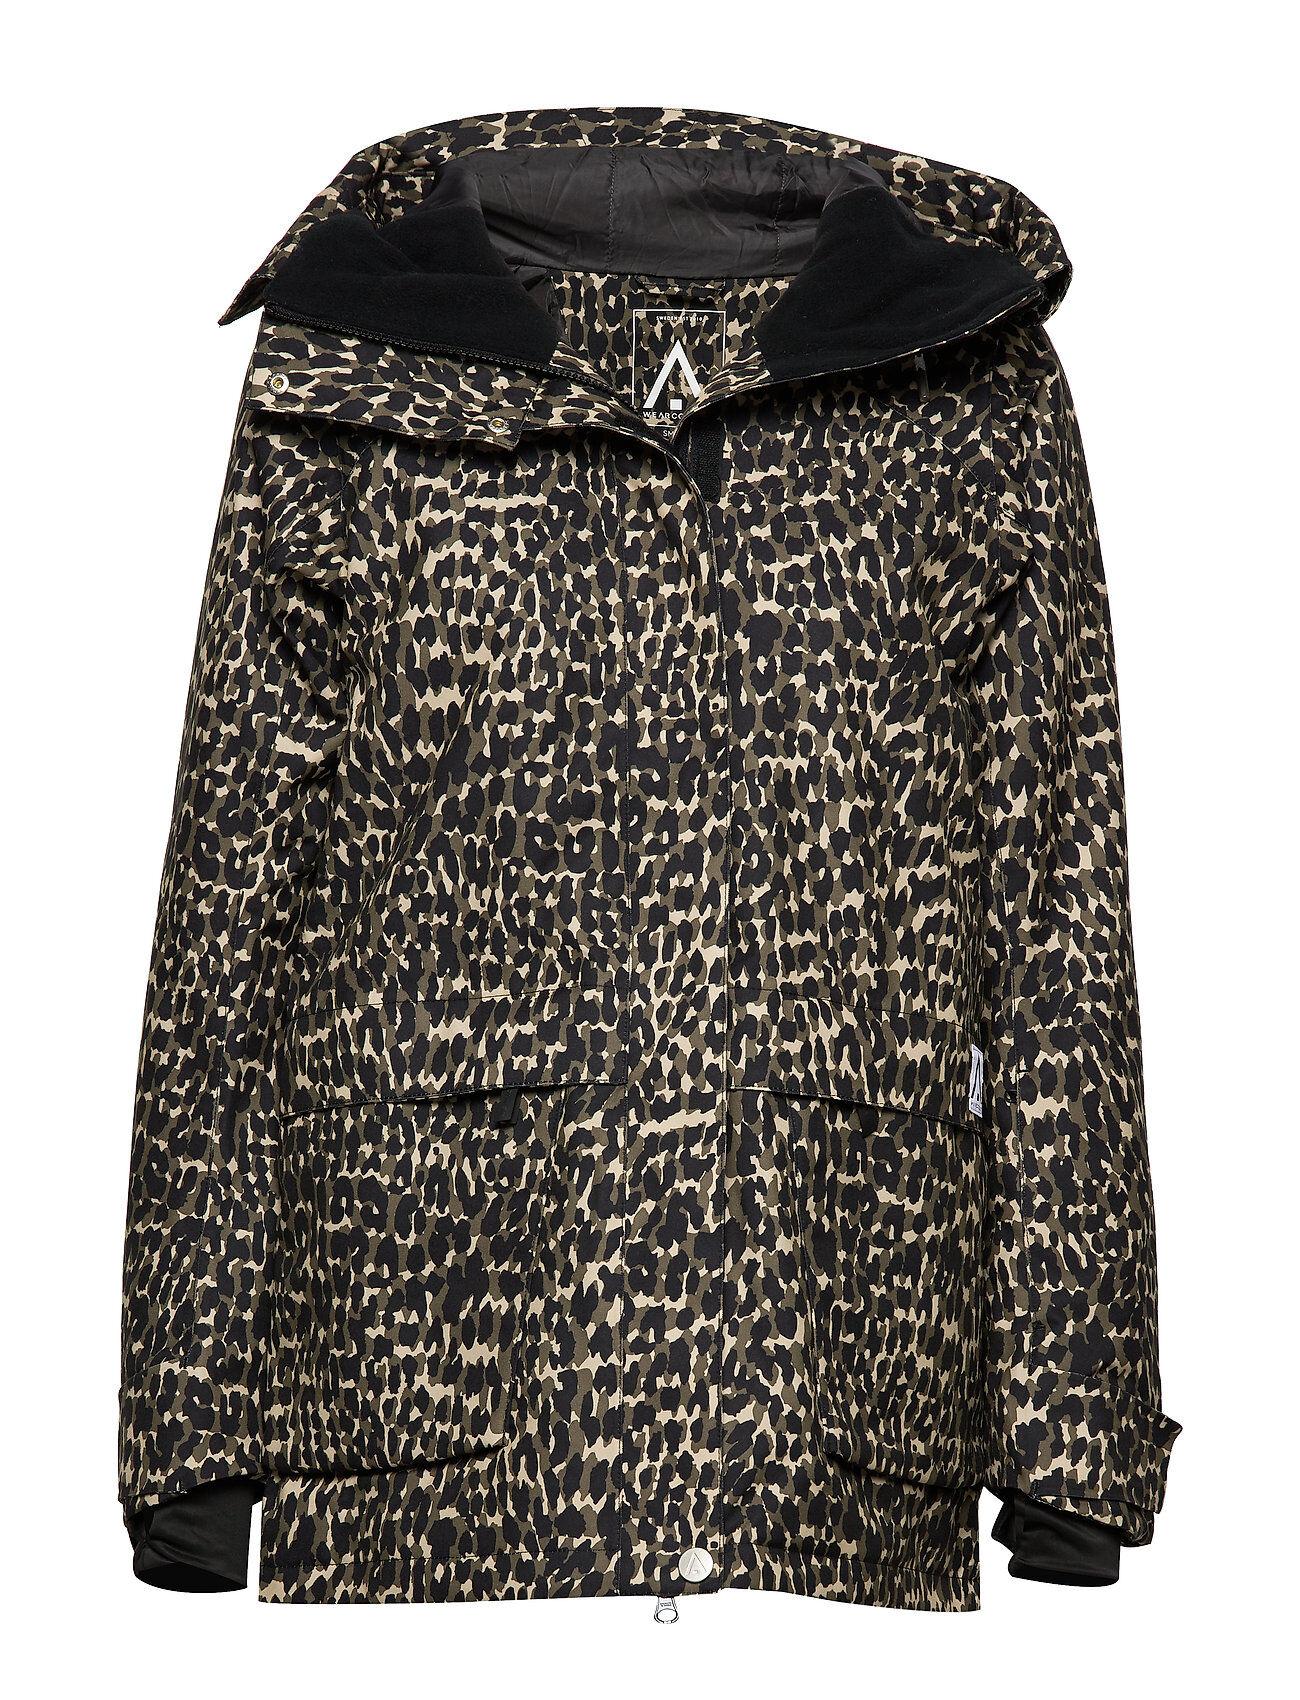 WearColour Blaze Jacket Outerwear Sport Jackets Ruskea WearColour